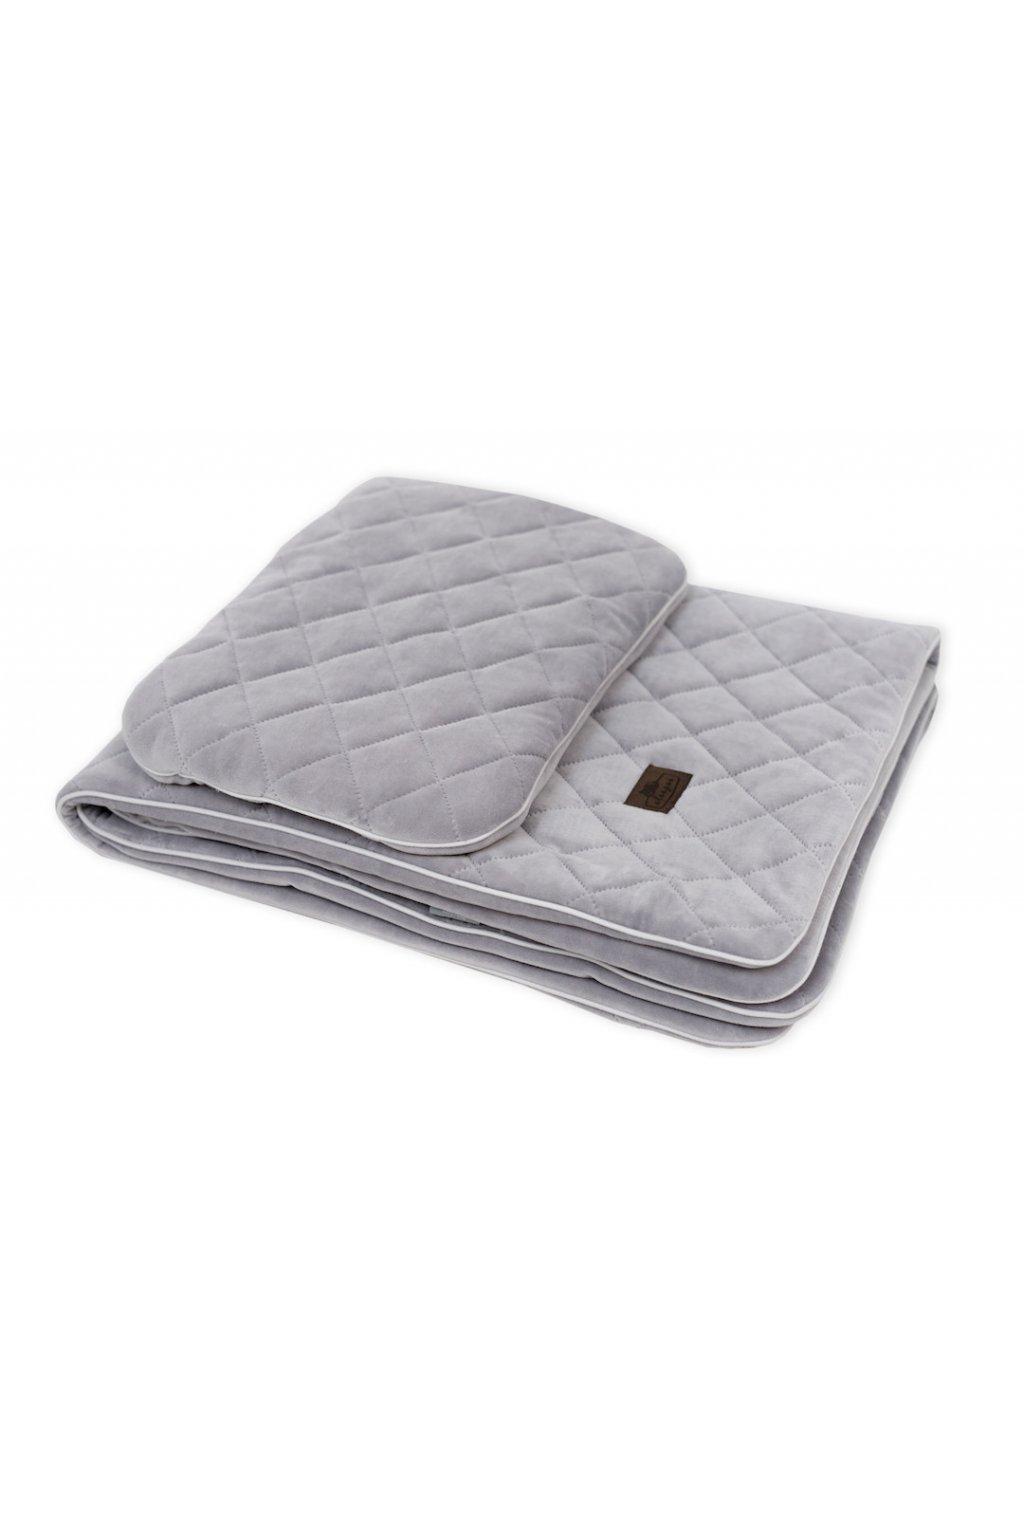 Sleepee Royal Baby Set šedý - sametová deka + polštářek